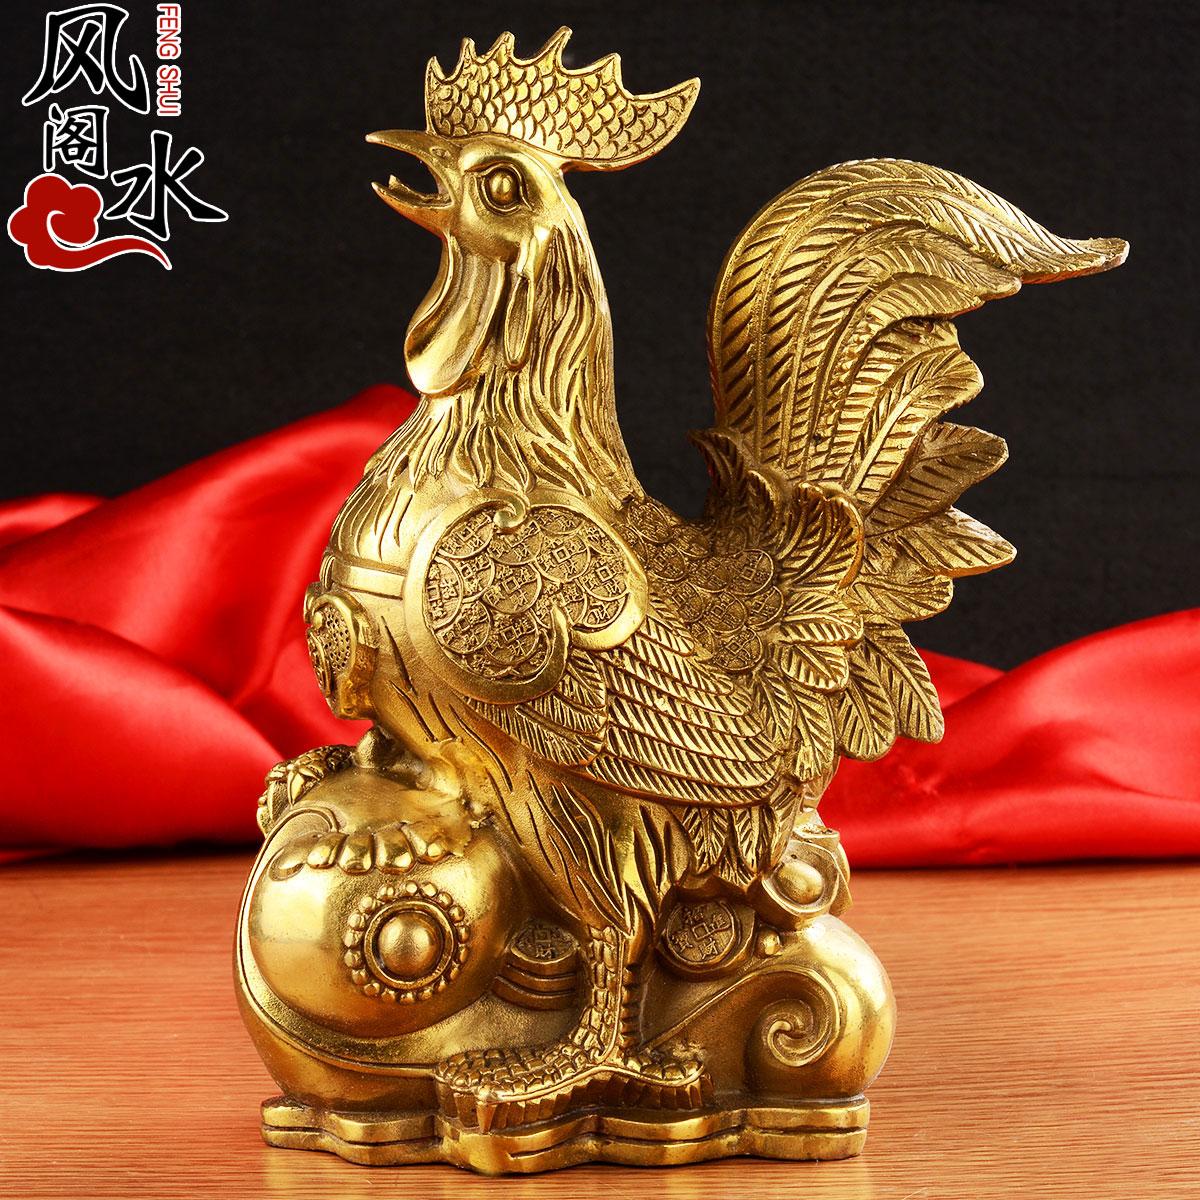 風水閣 純銅雞擺件 大號金雞公雞元寶雞金錢如意家居裝飾品工藝品